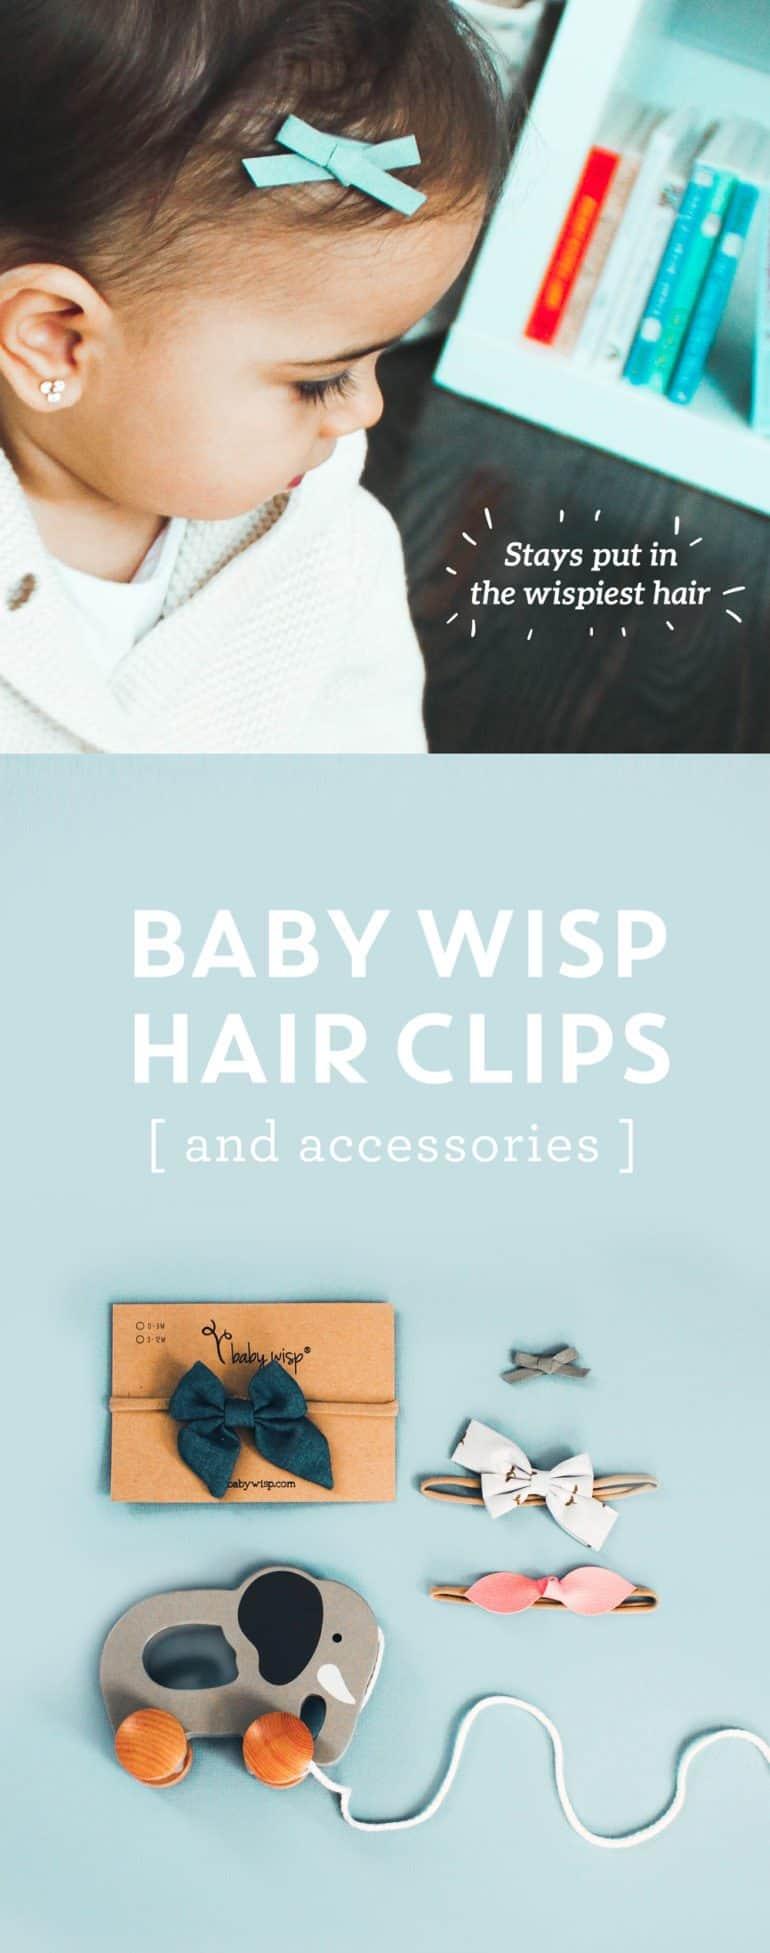 Why I Love Shopping for Maternity Wear (Spoiler Alert: I Don't)